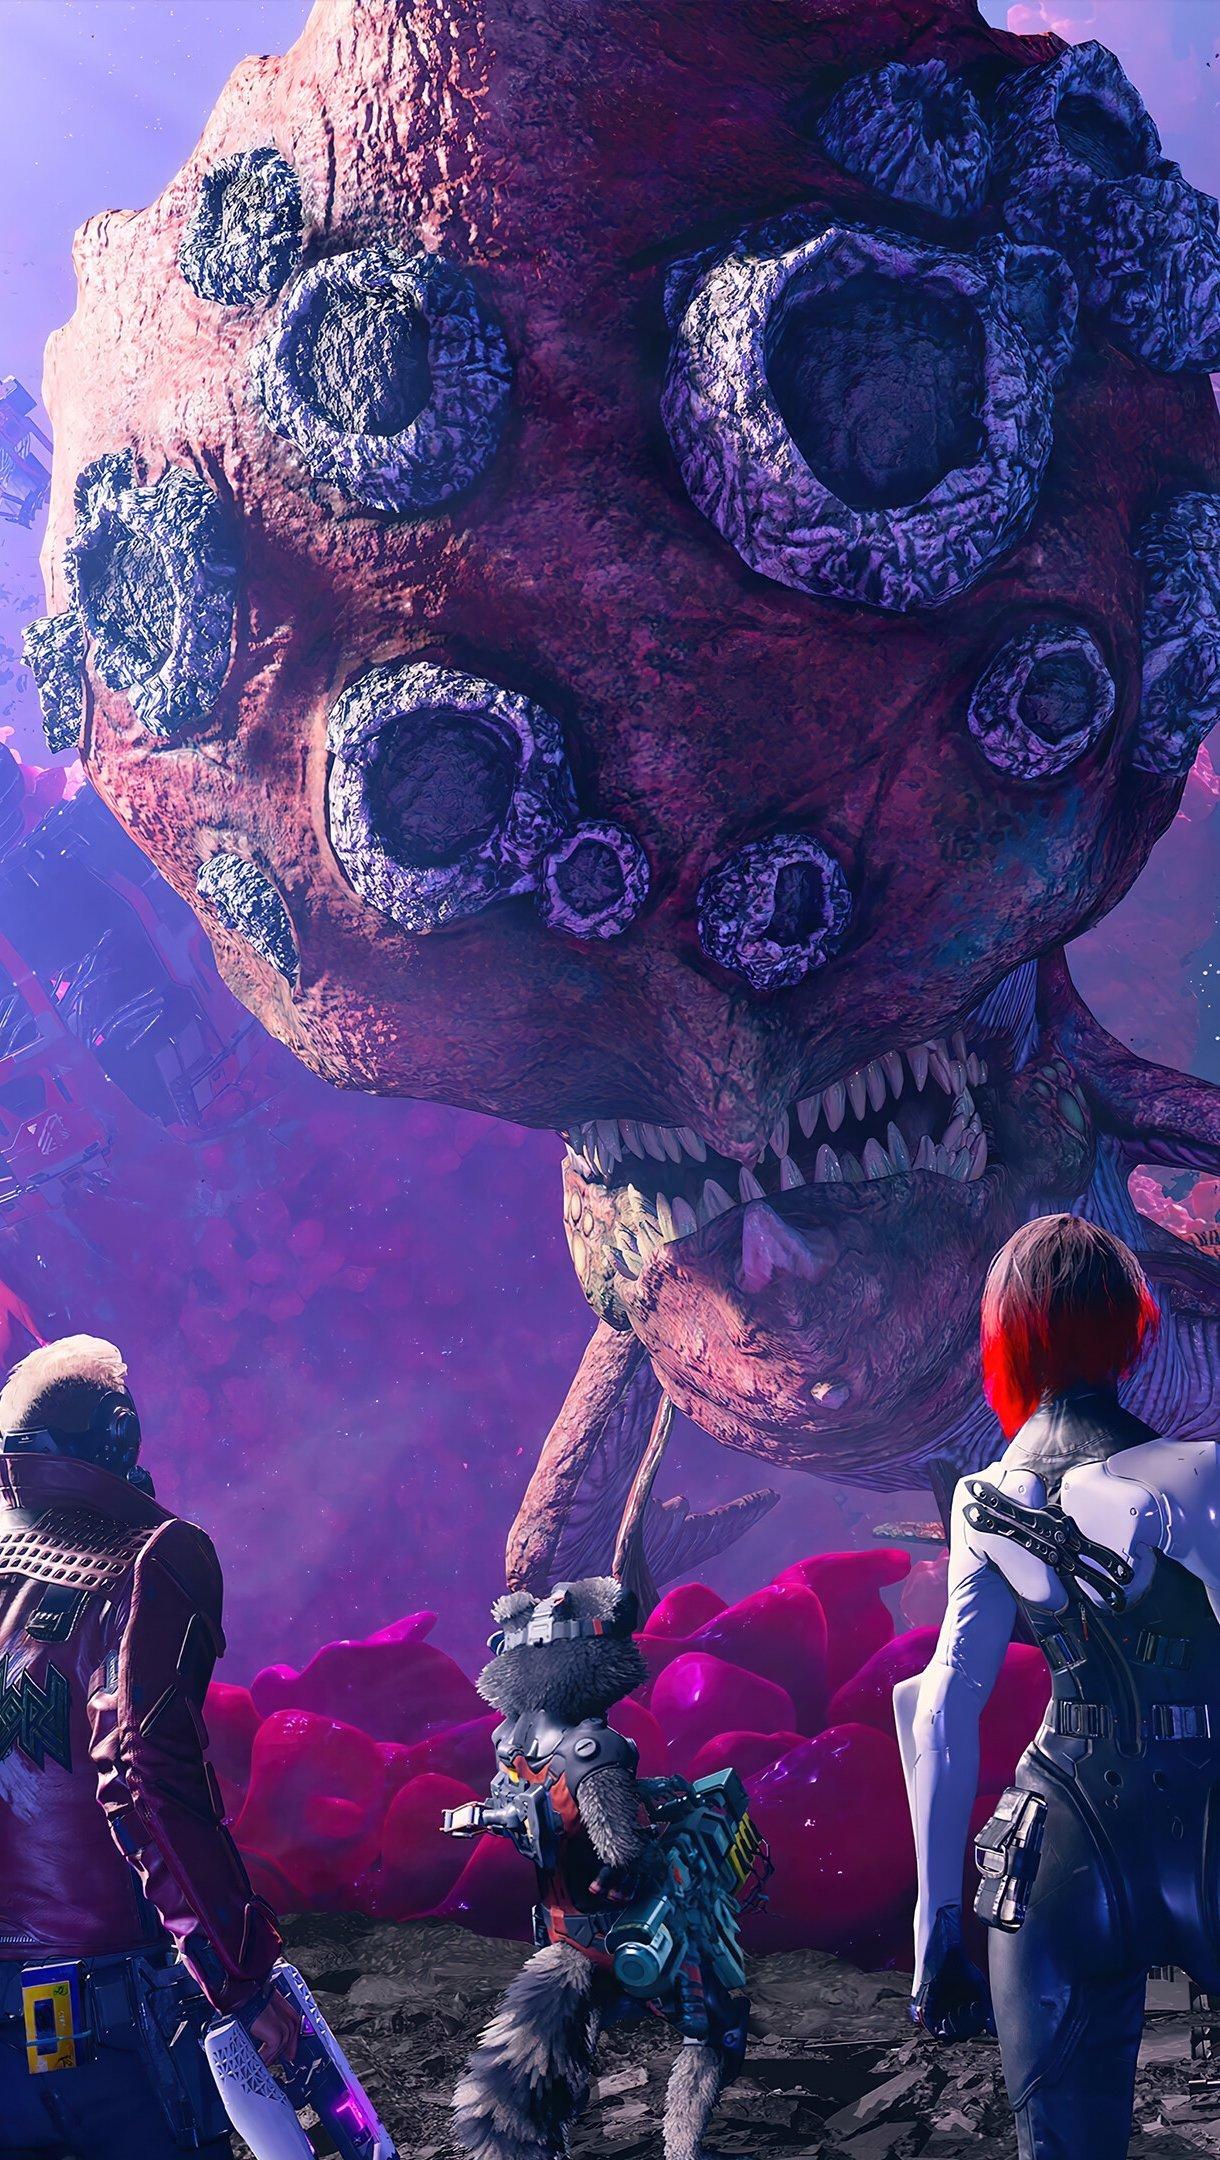 Fondos de pantalla Personajes de Guardianes de la galaxia juego Vertical